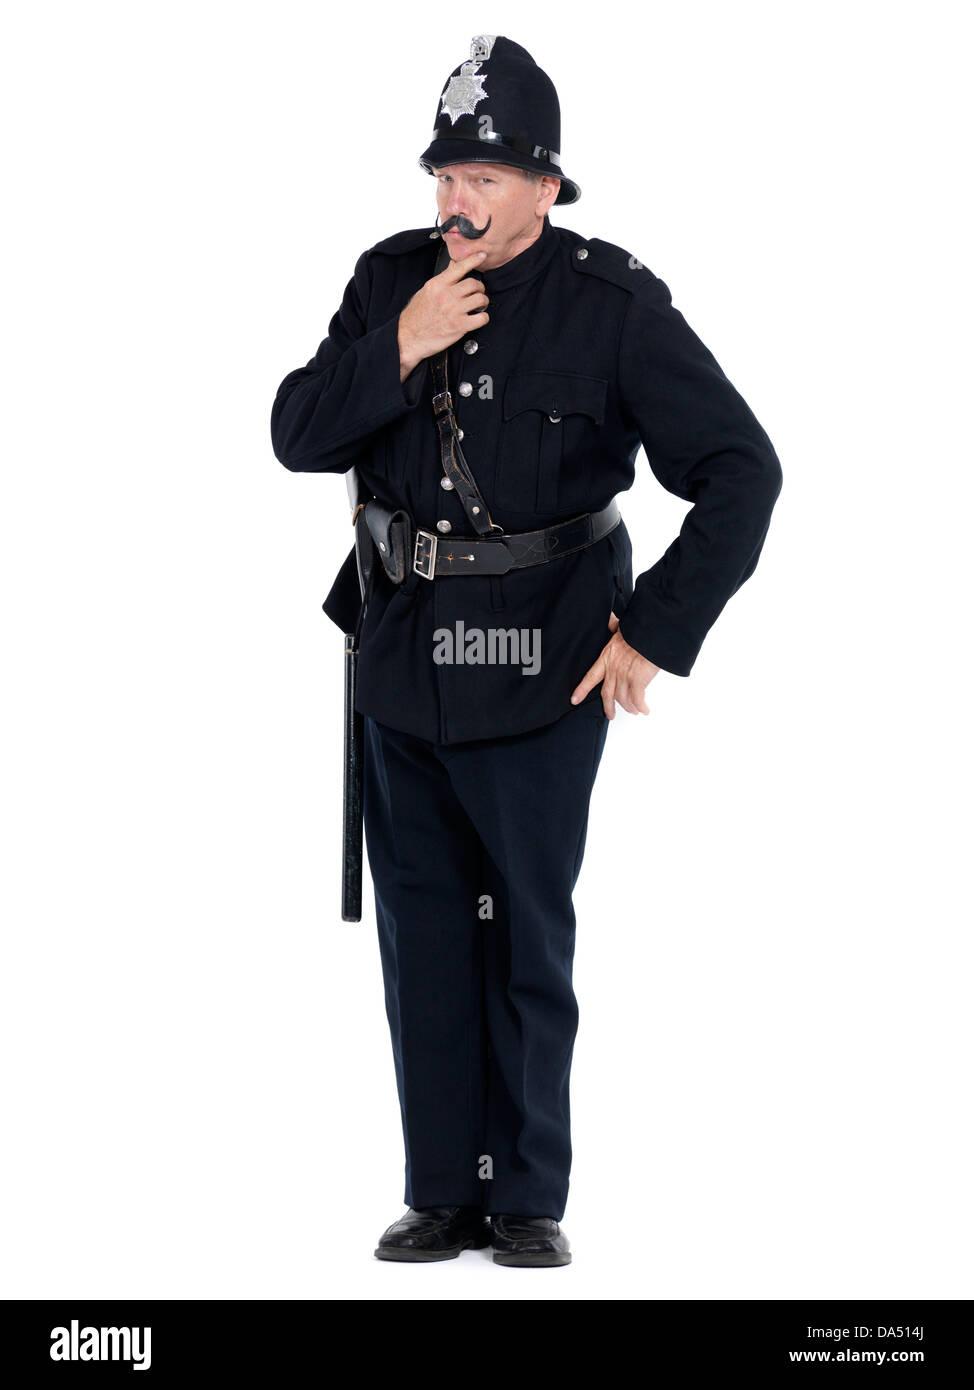 Vintage poliziotto con grave espressione rigorosa isolati su sfondo bianco Immagini Stock